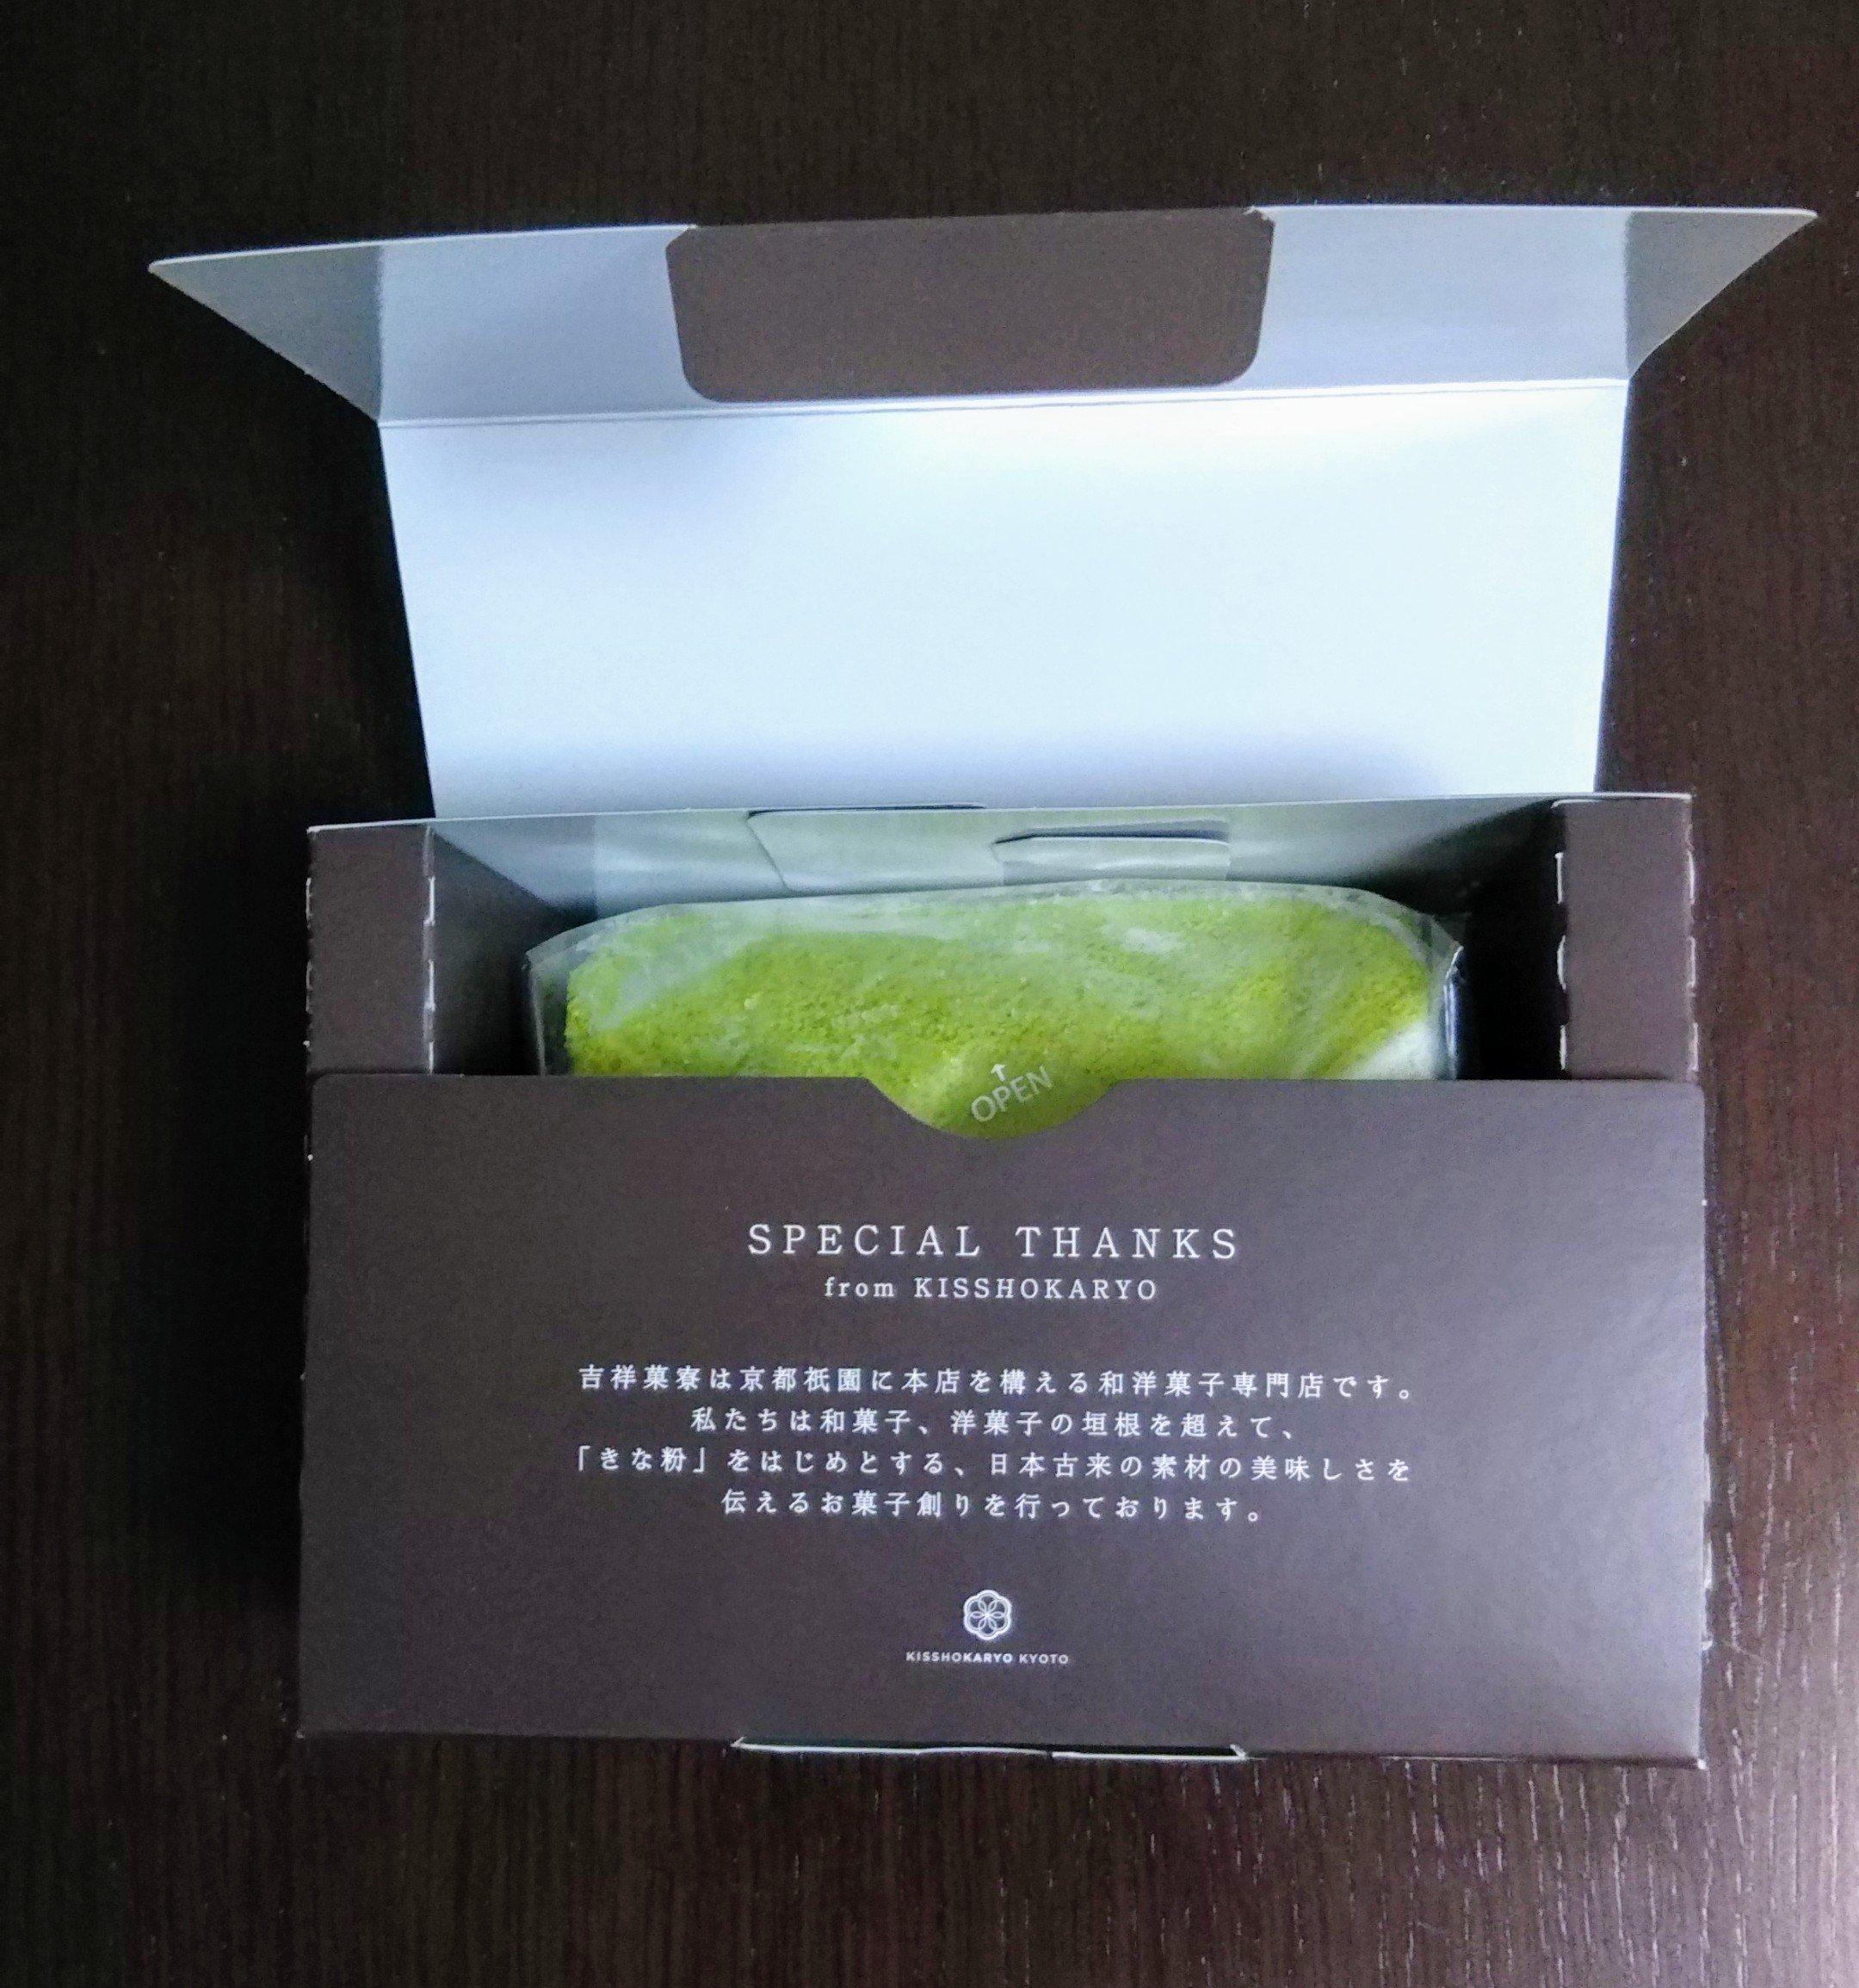 吉祥菓寮茶の雫ロール